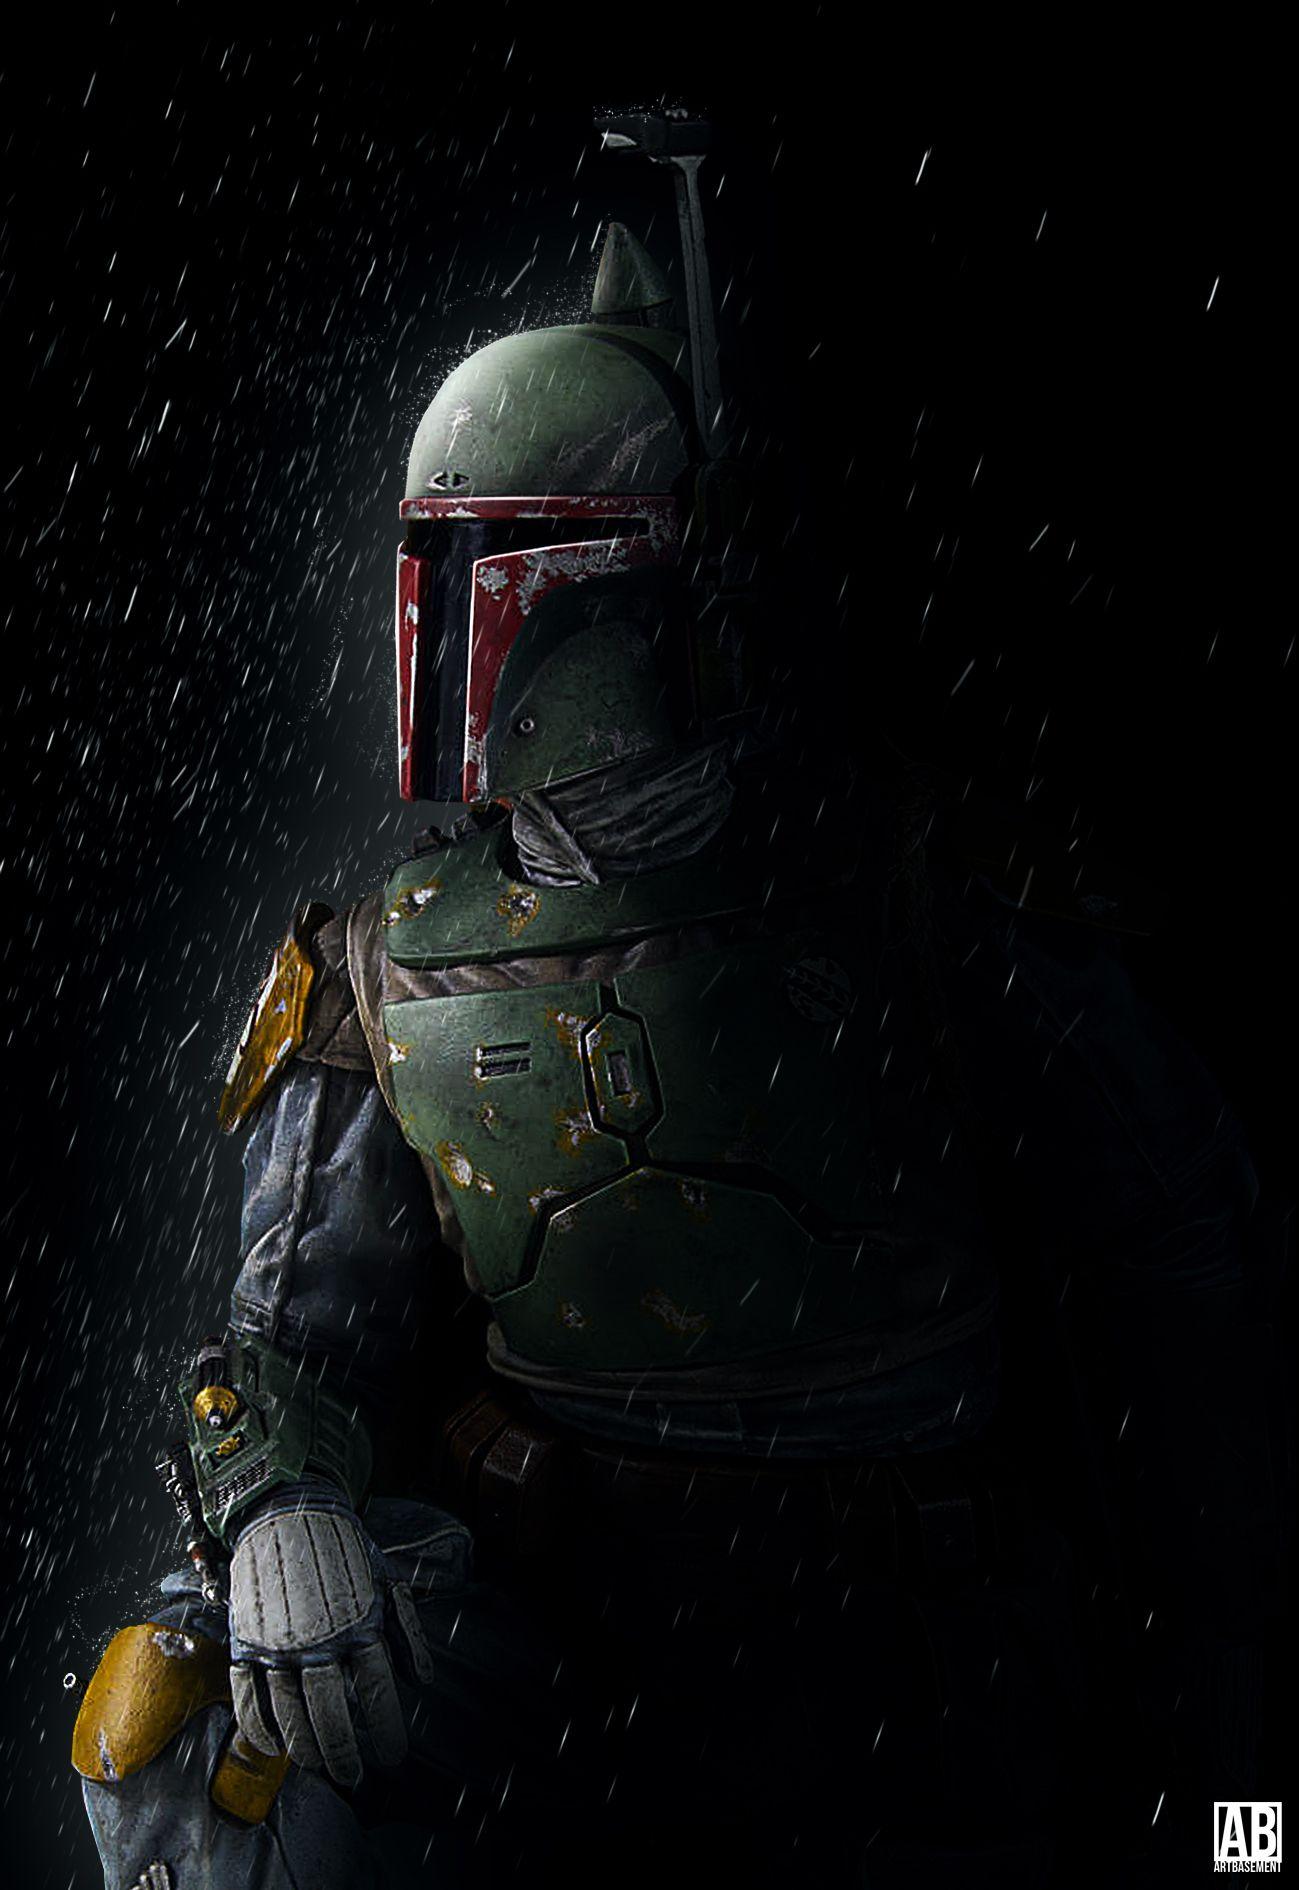 Boba Fett Poster By Artbasement On Deviantart Star Wars Wallpaper Star Wars Fan Art Star Wars Art